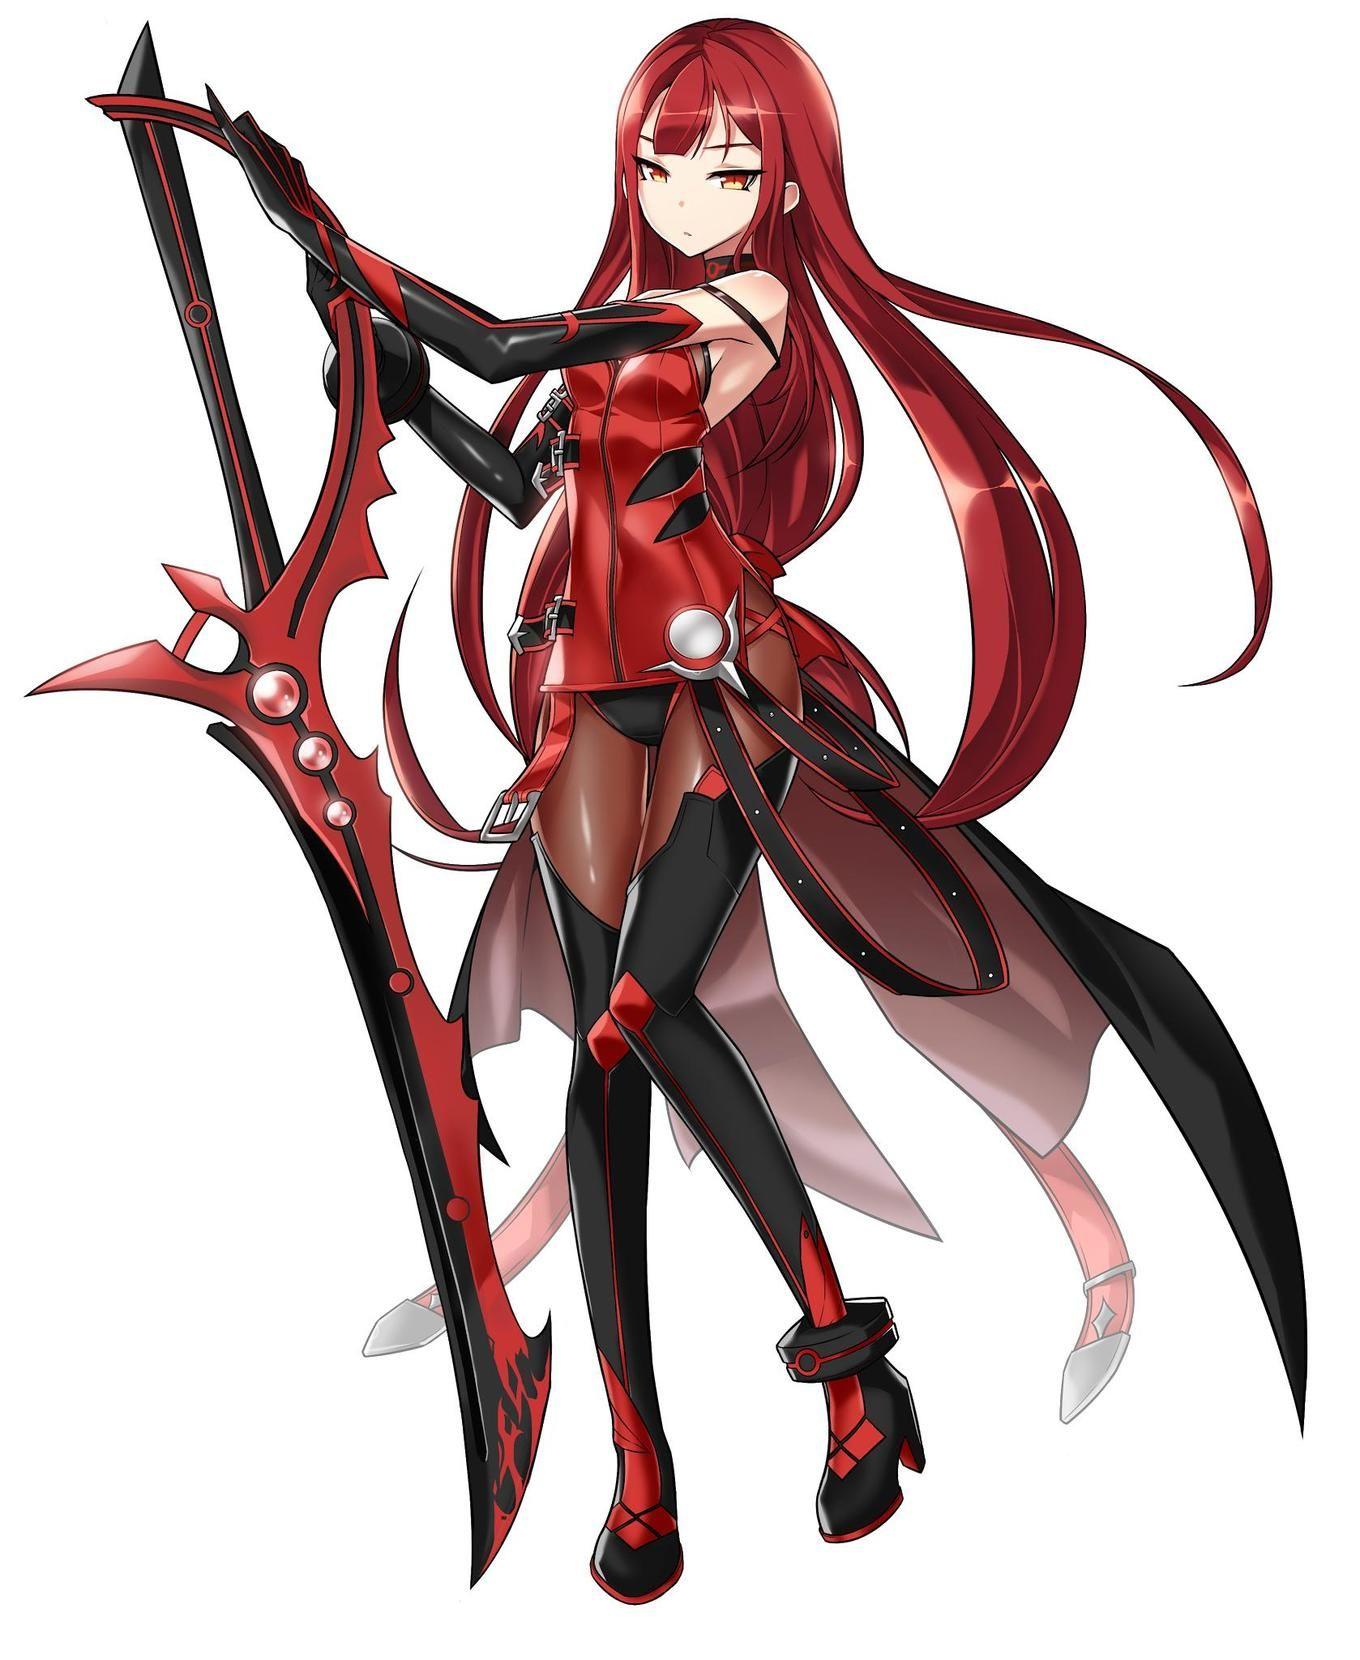 Red Warrior Anime Elsword Crimson Avenger Anime Character Design